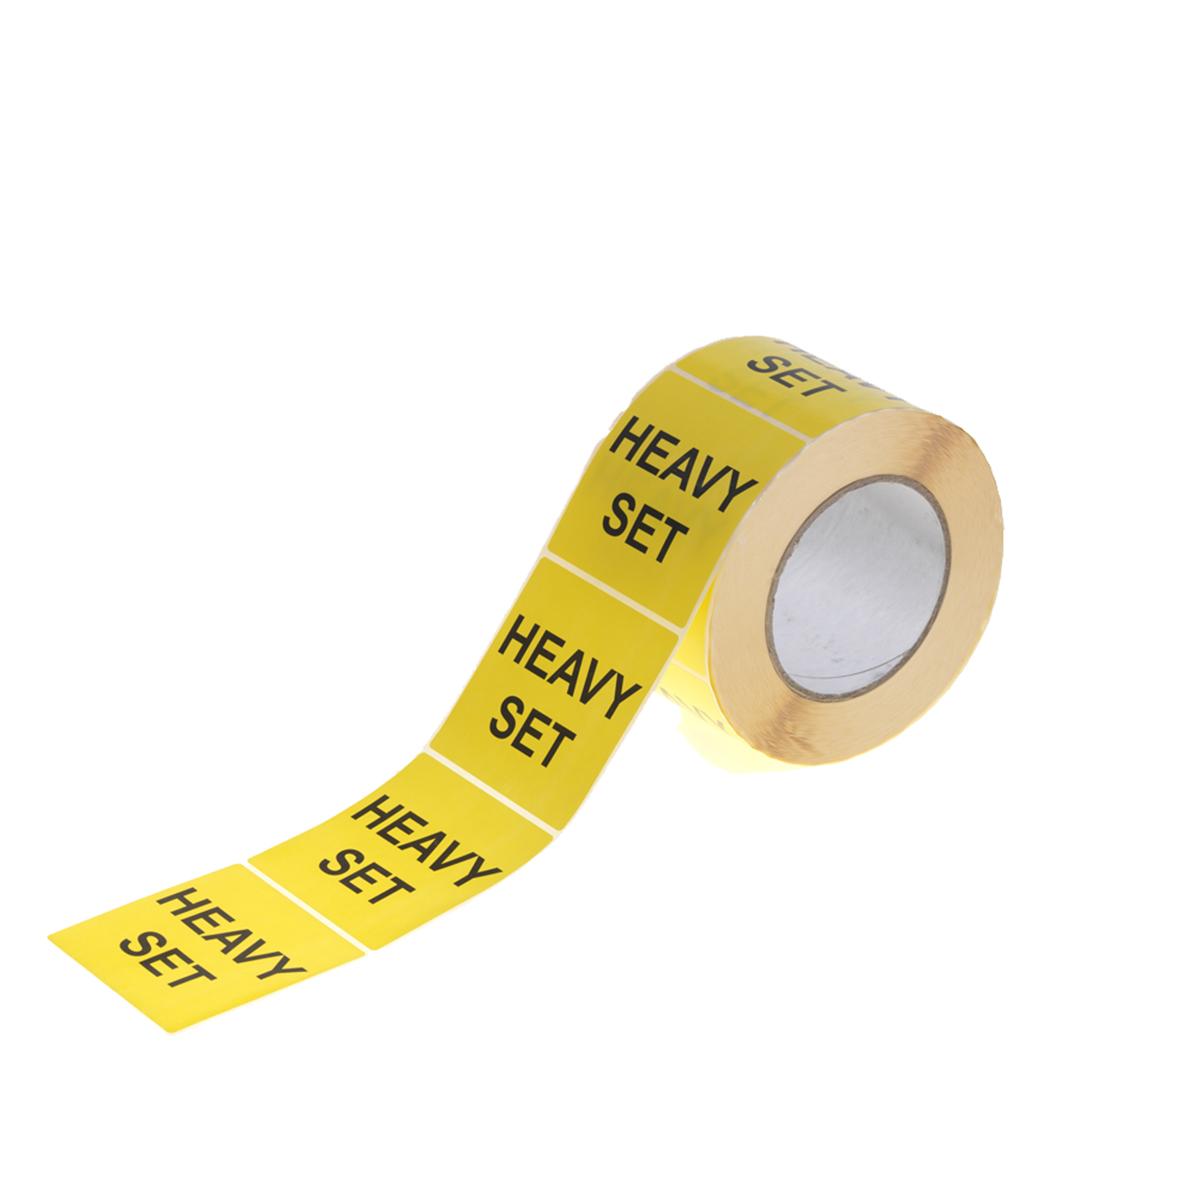 Alert Labels Image